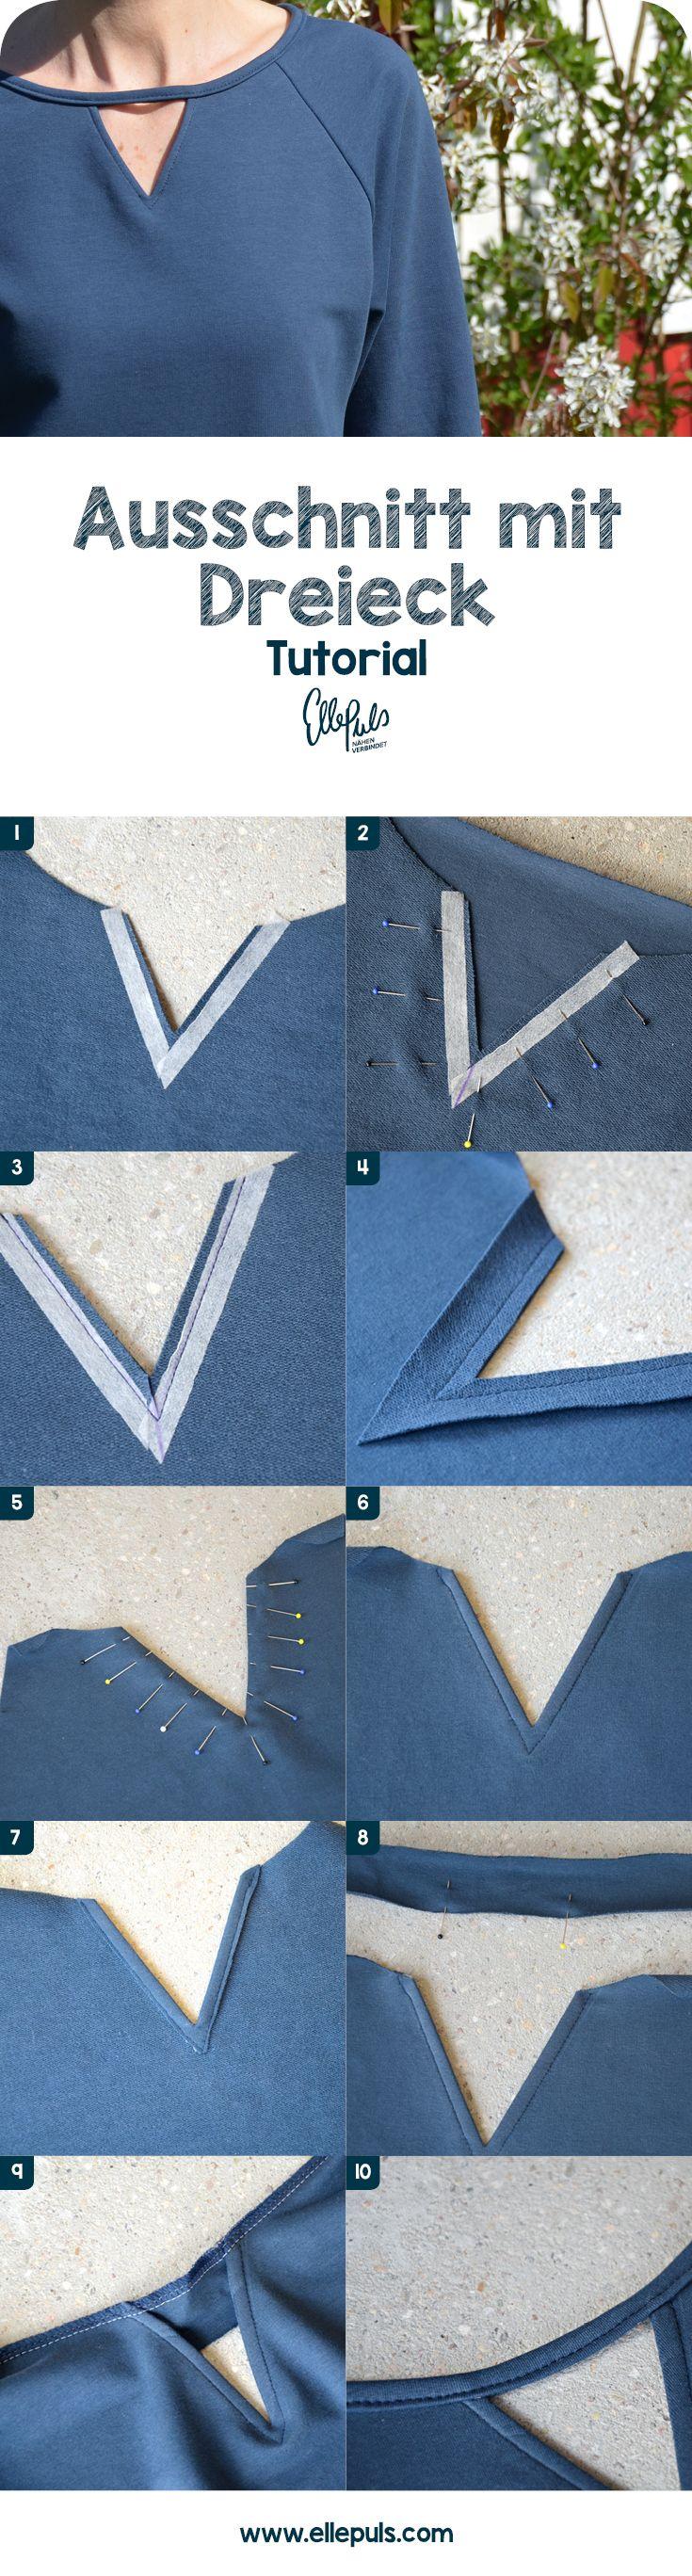 Ausschnitt mit Dreieck nähen